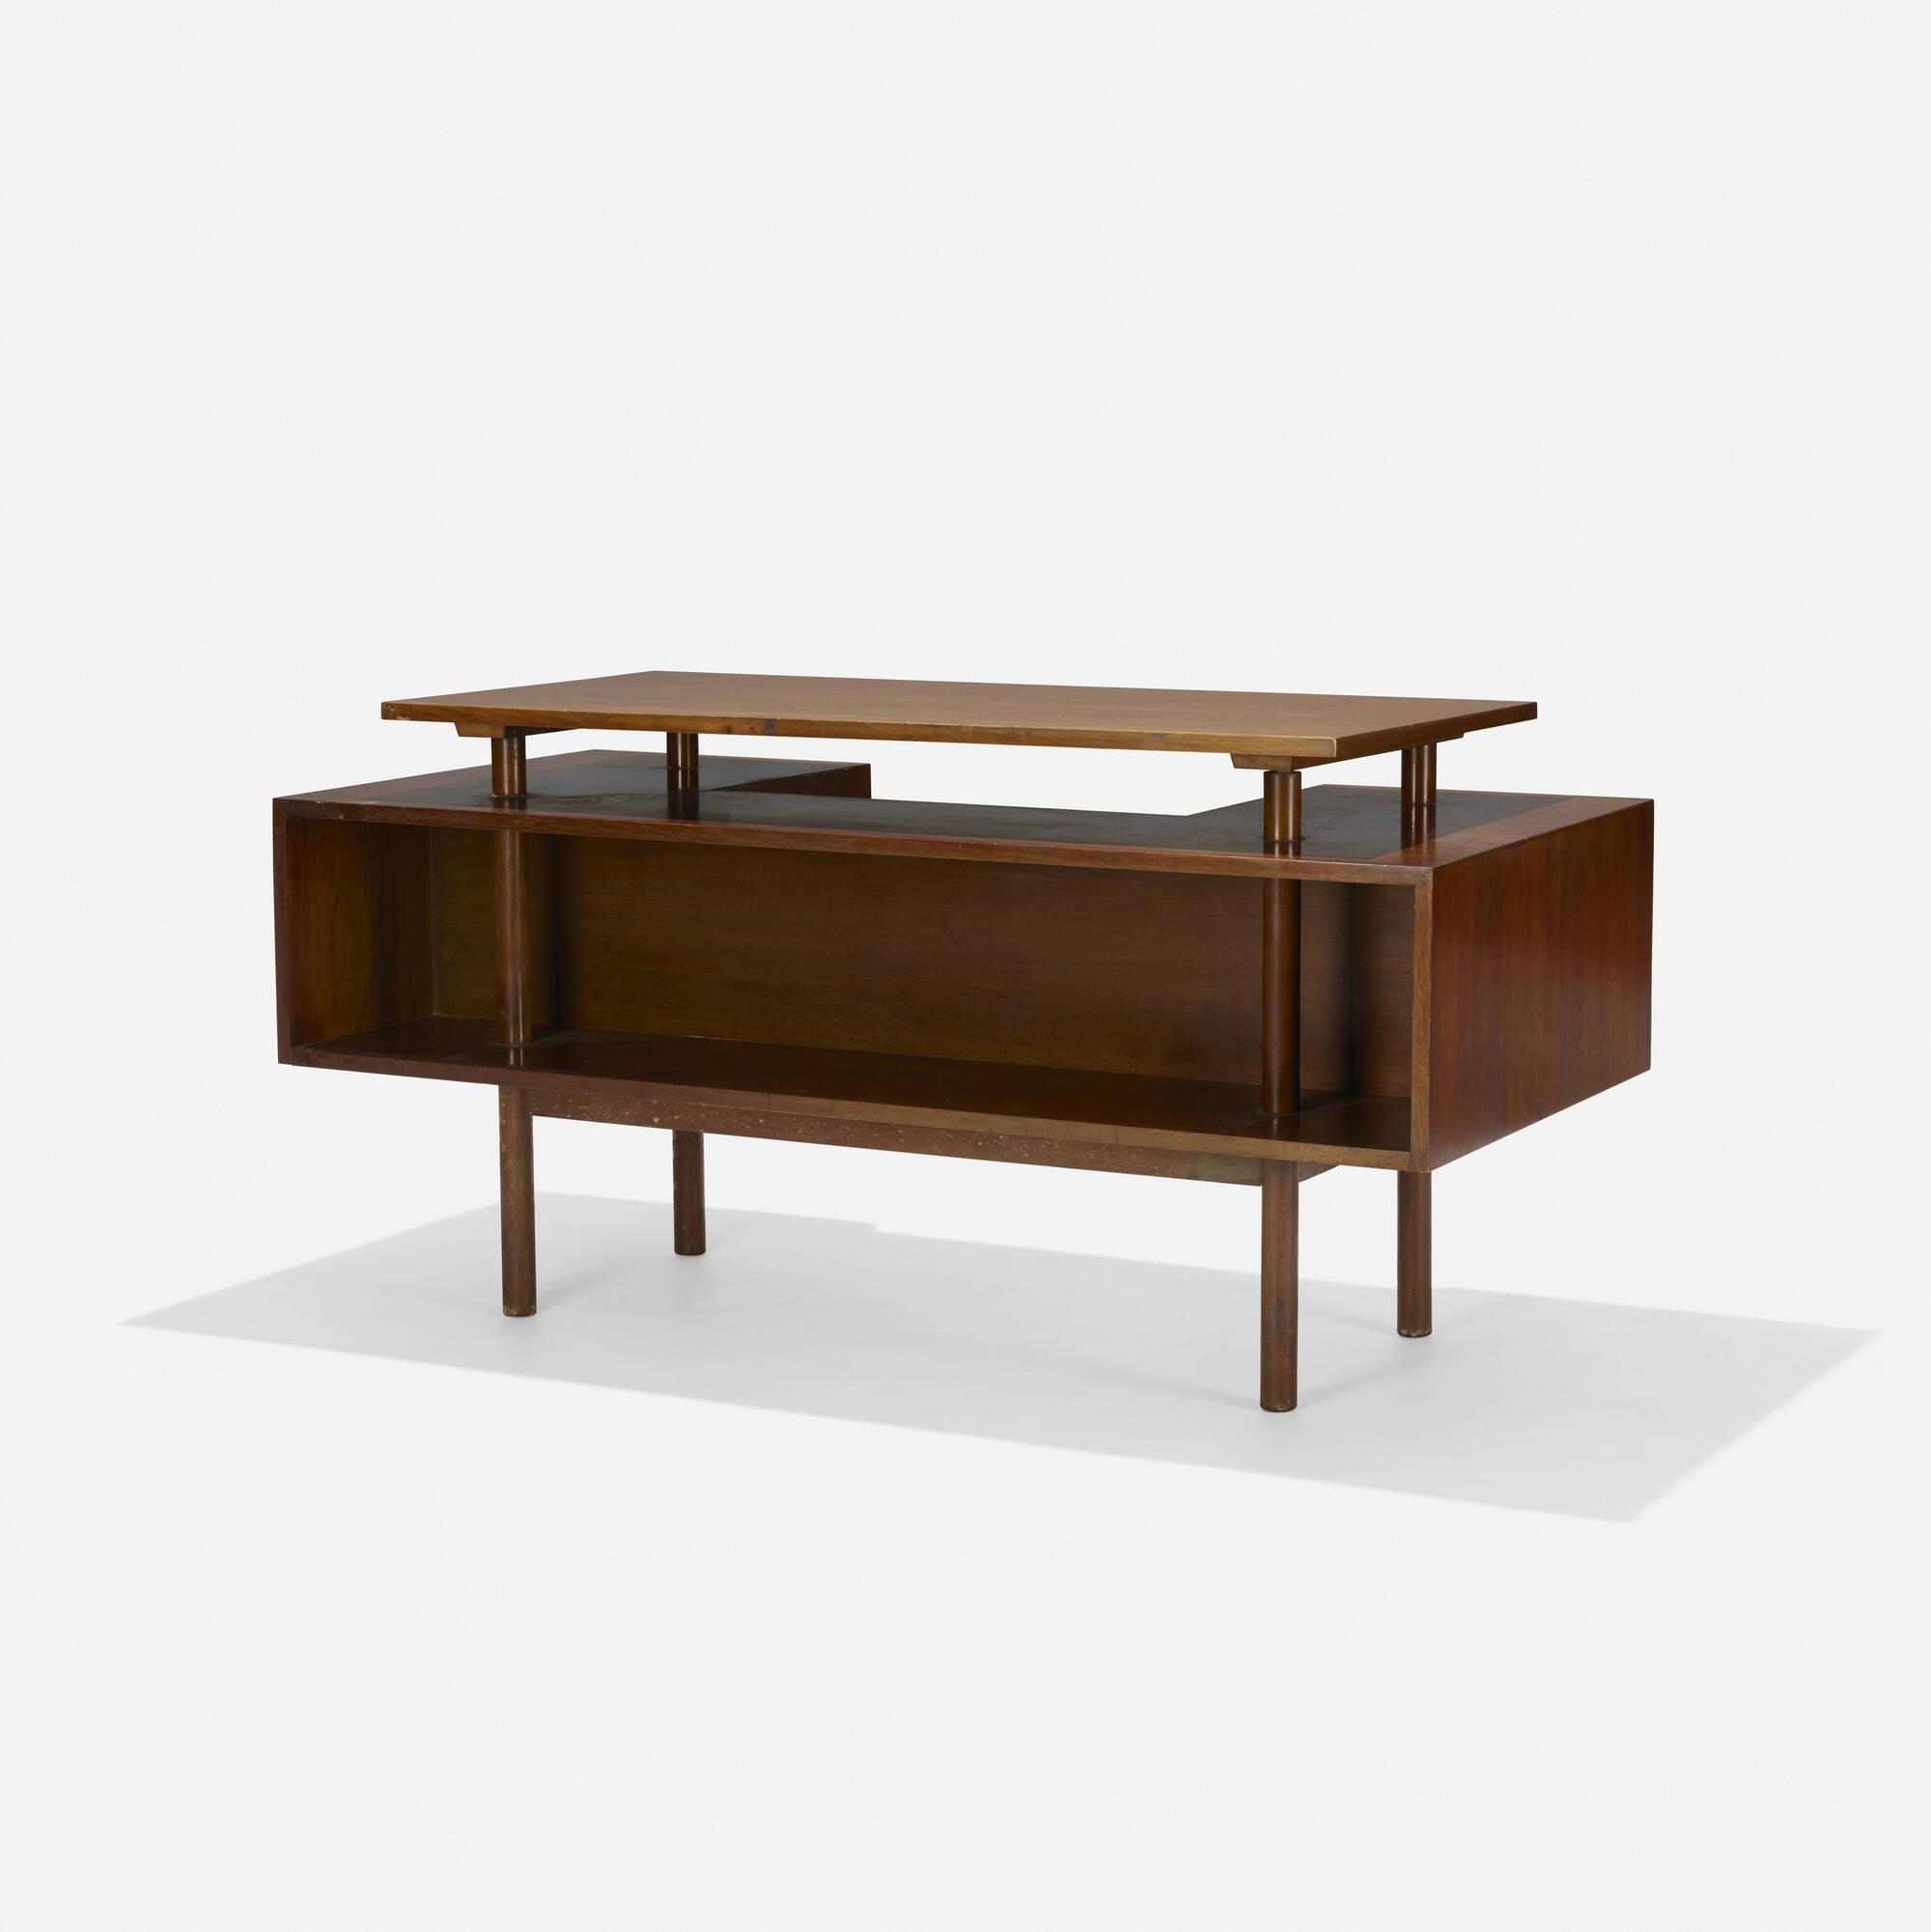 191: Milo Baughman / desk, model 1625 (3 of 4)